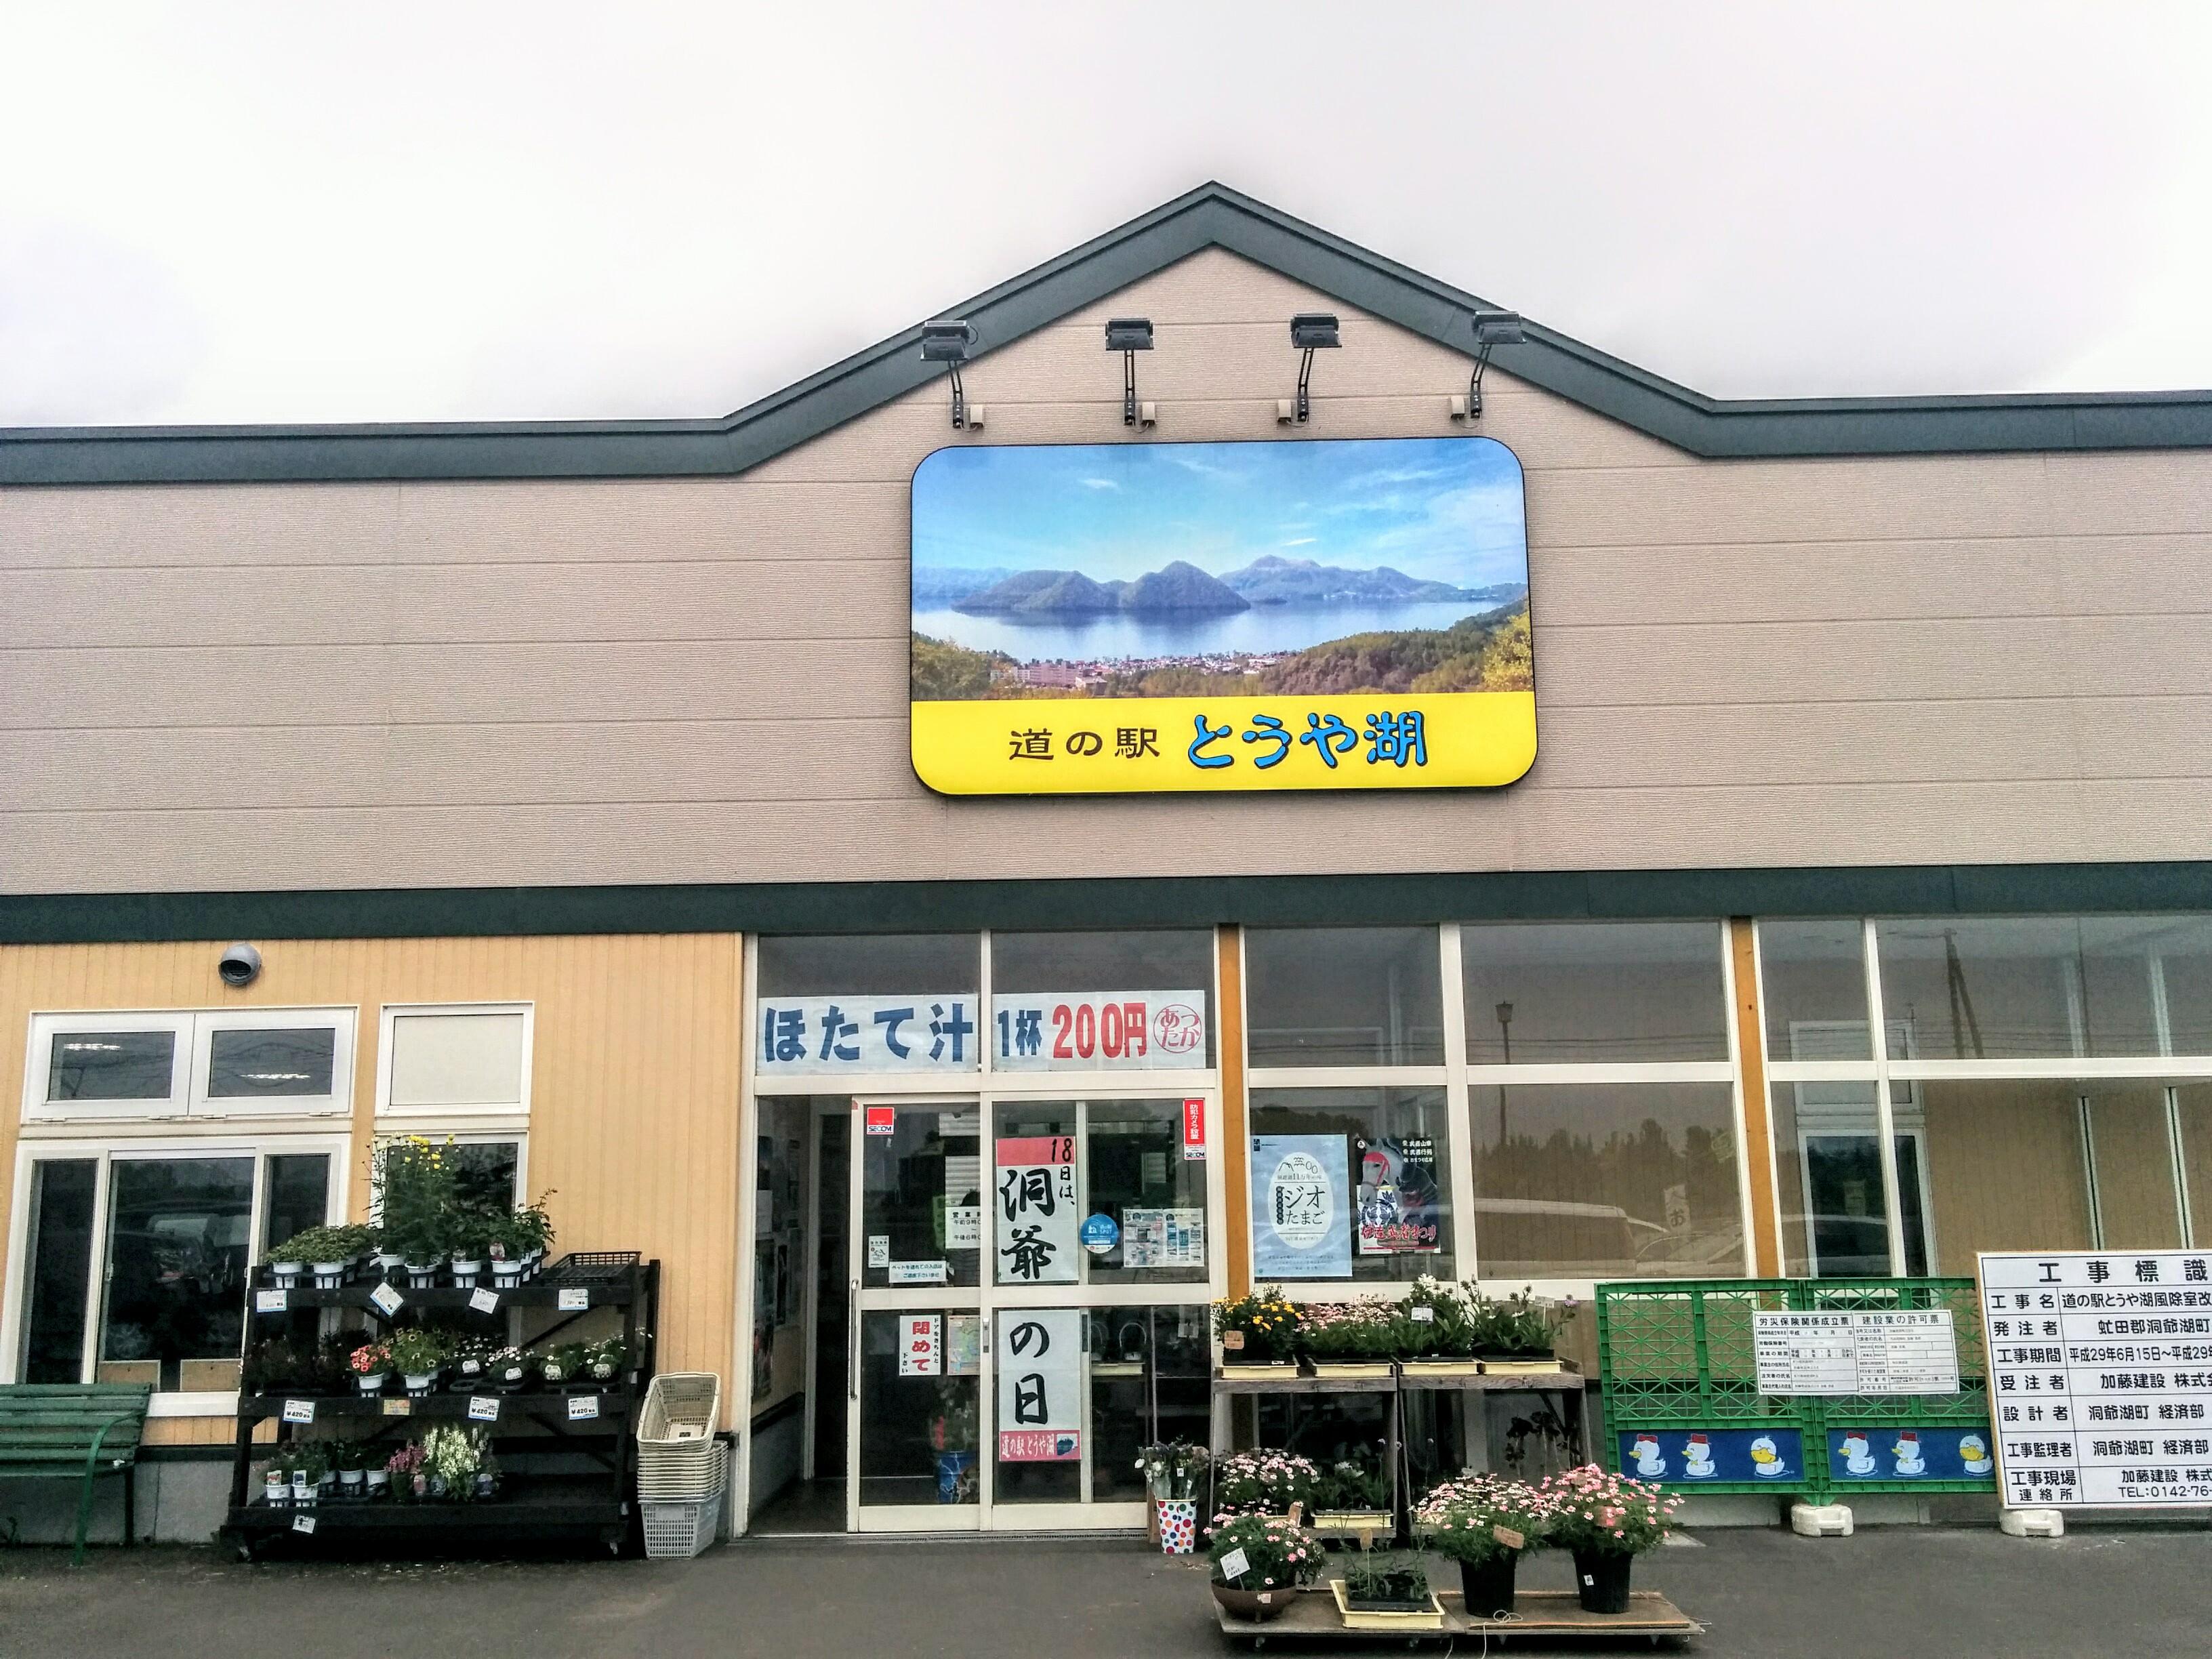 【洞爺湖】道の駅とうや湖~赤井川村農家直売所で野菜を買って来ました。